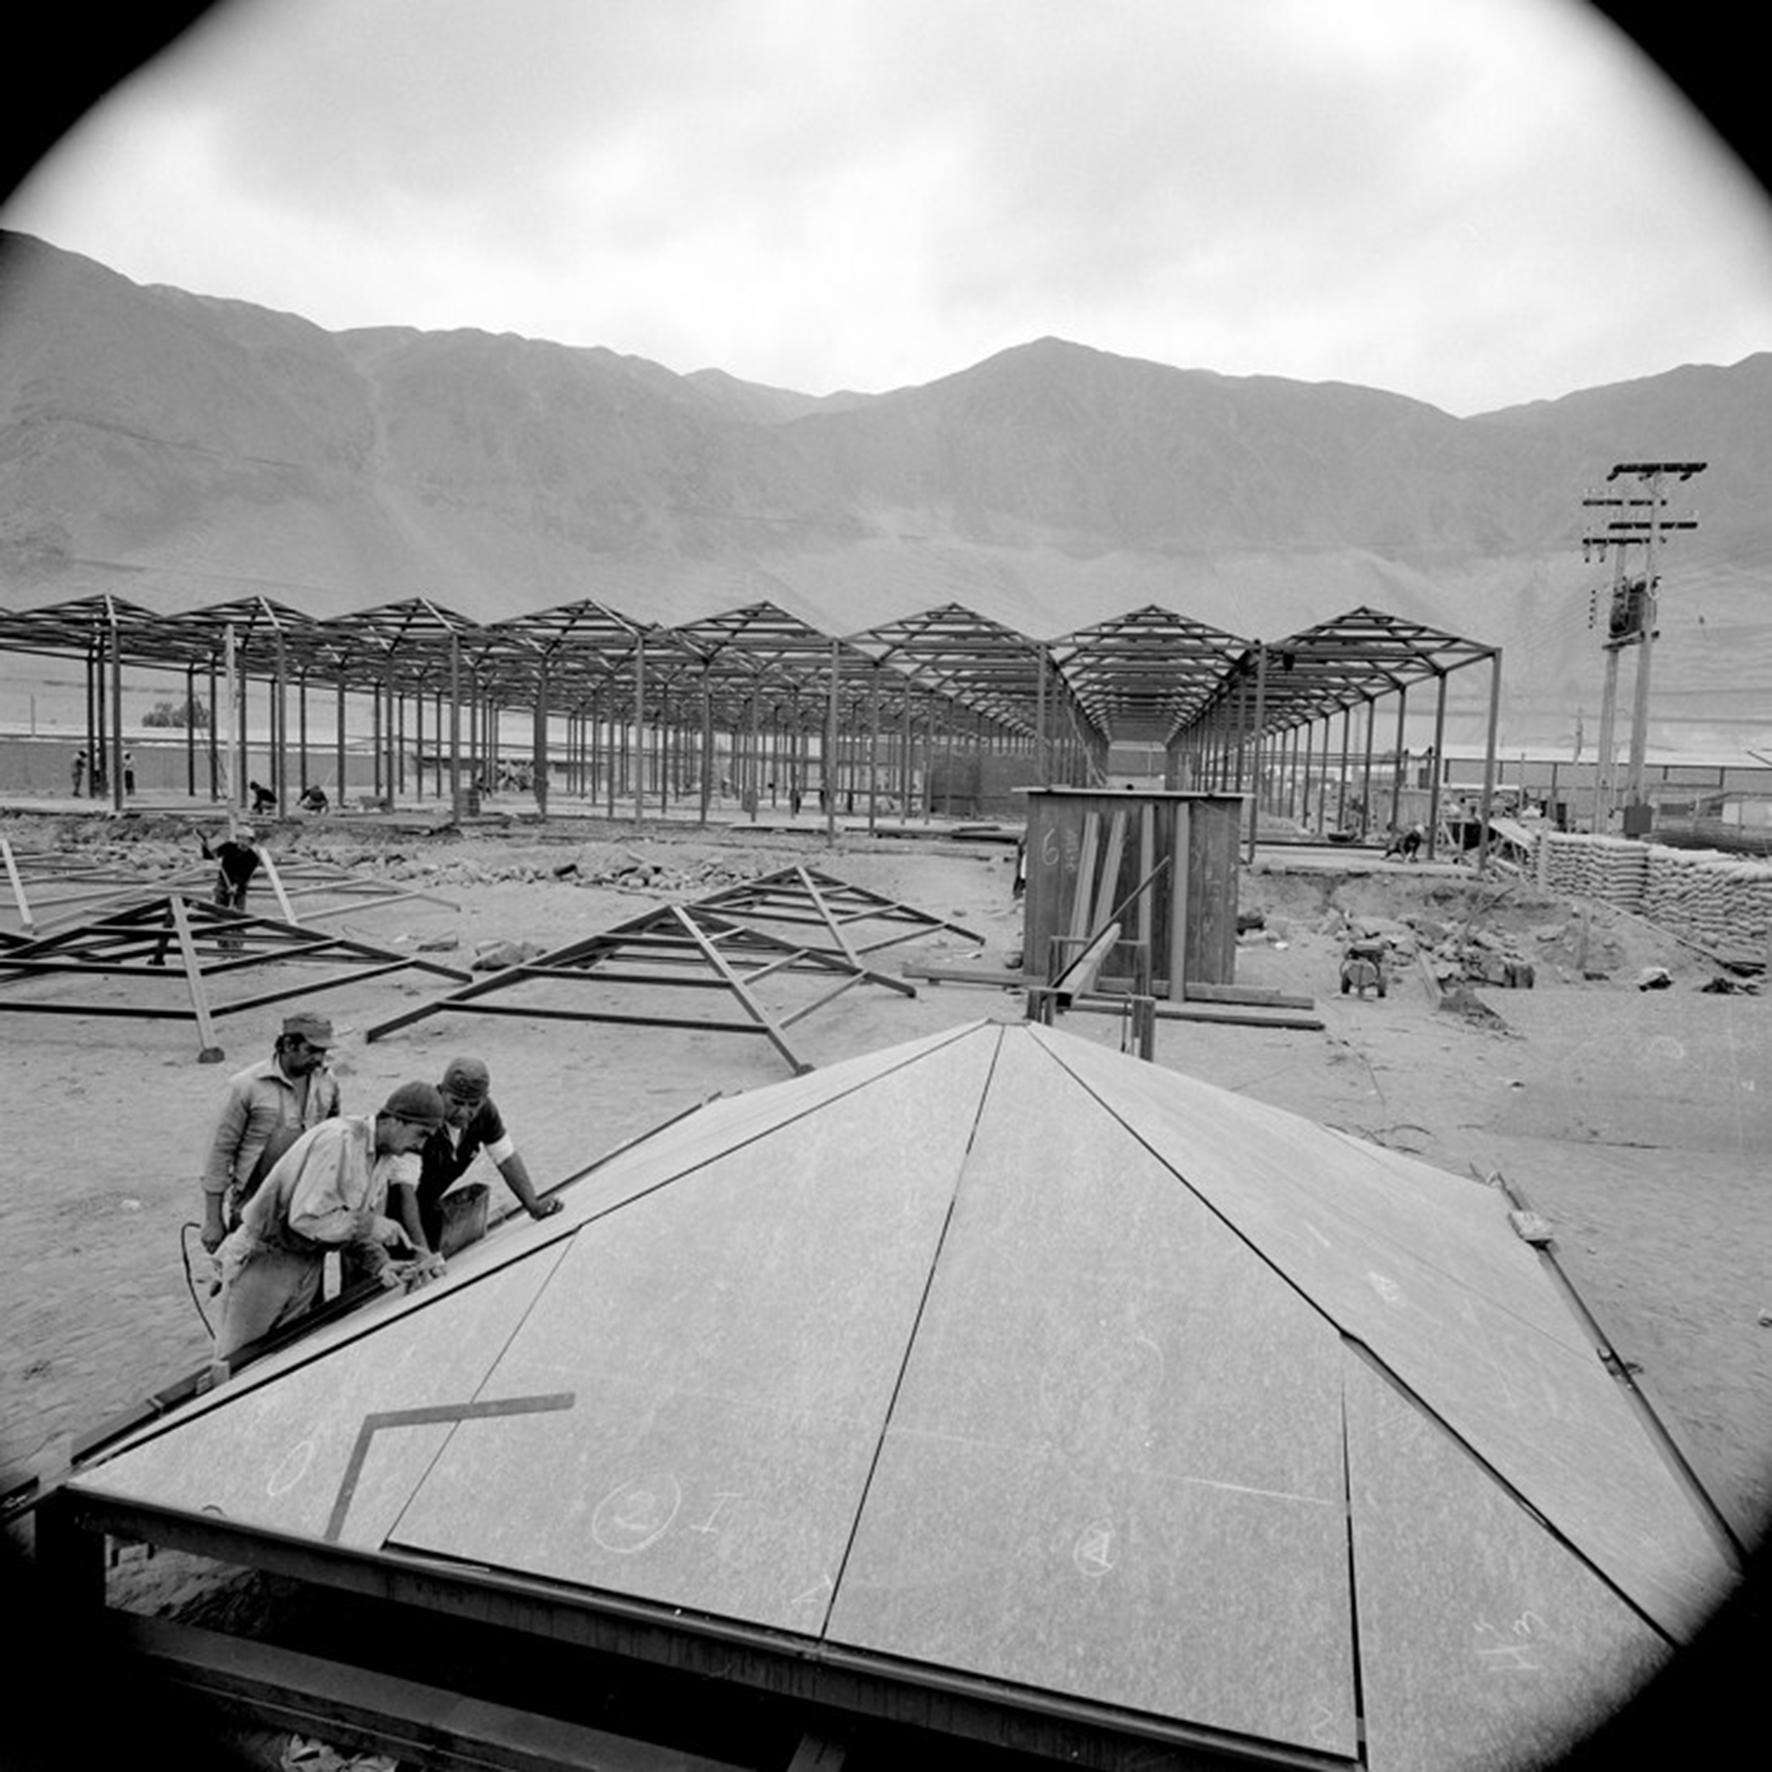 Enterreno - Fotos históricas de chile - fotos antiguas de Chile - Construcción de la Zona Franca de Iquique, 1979